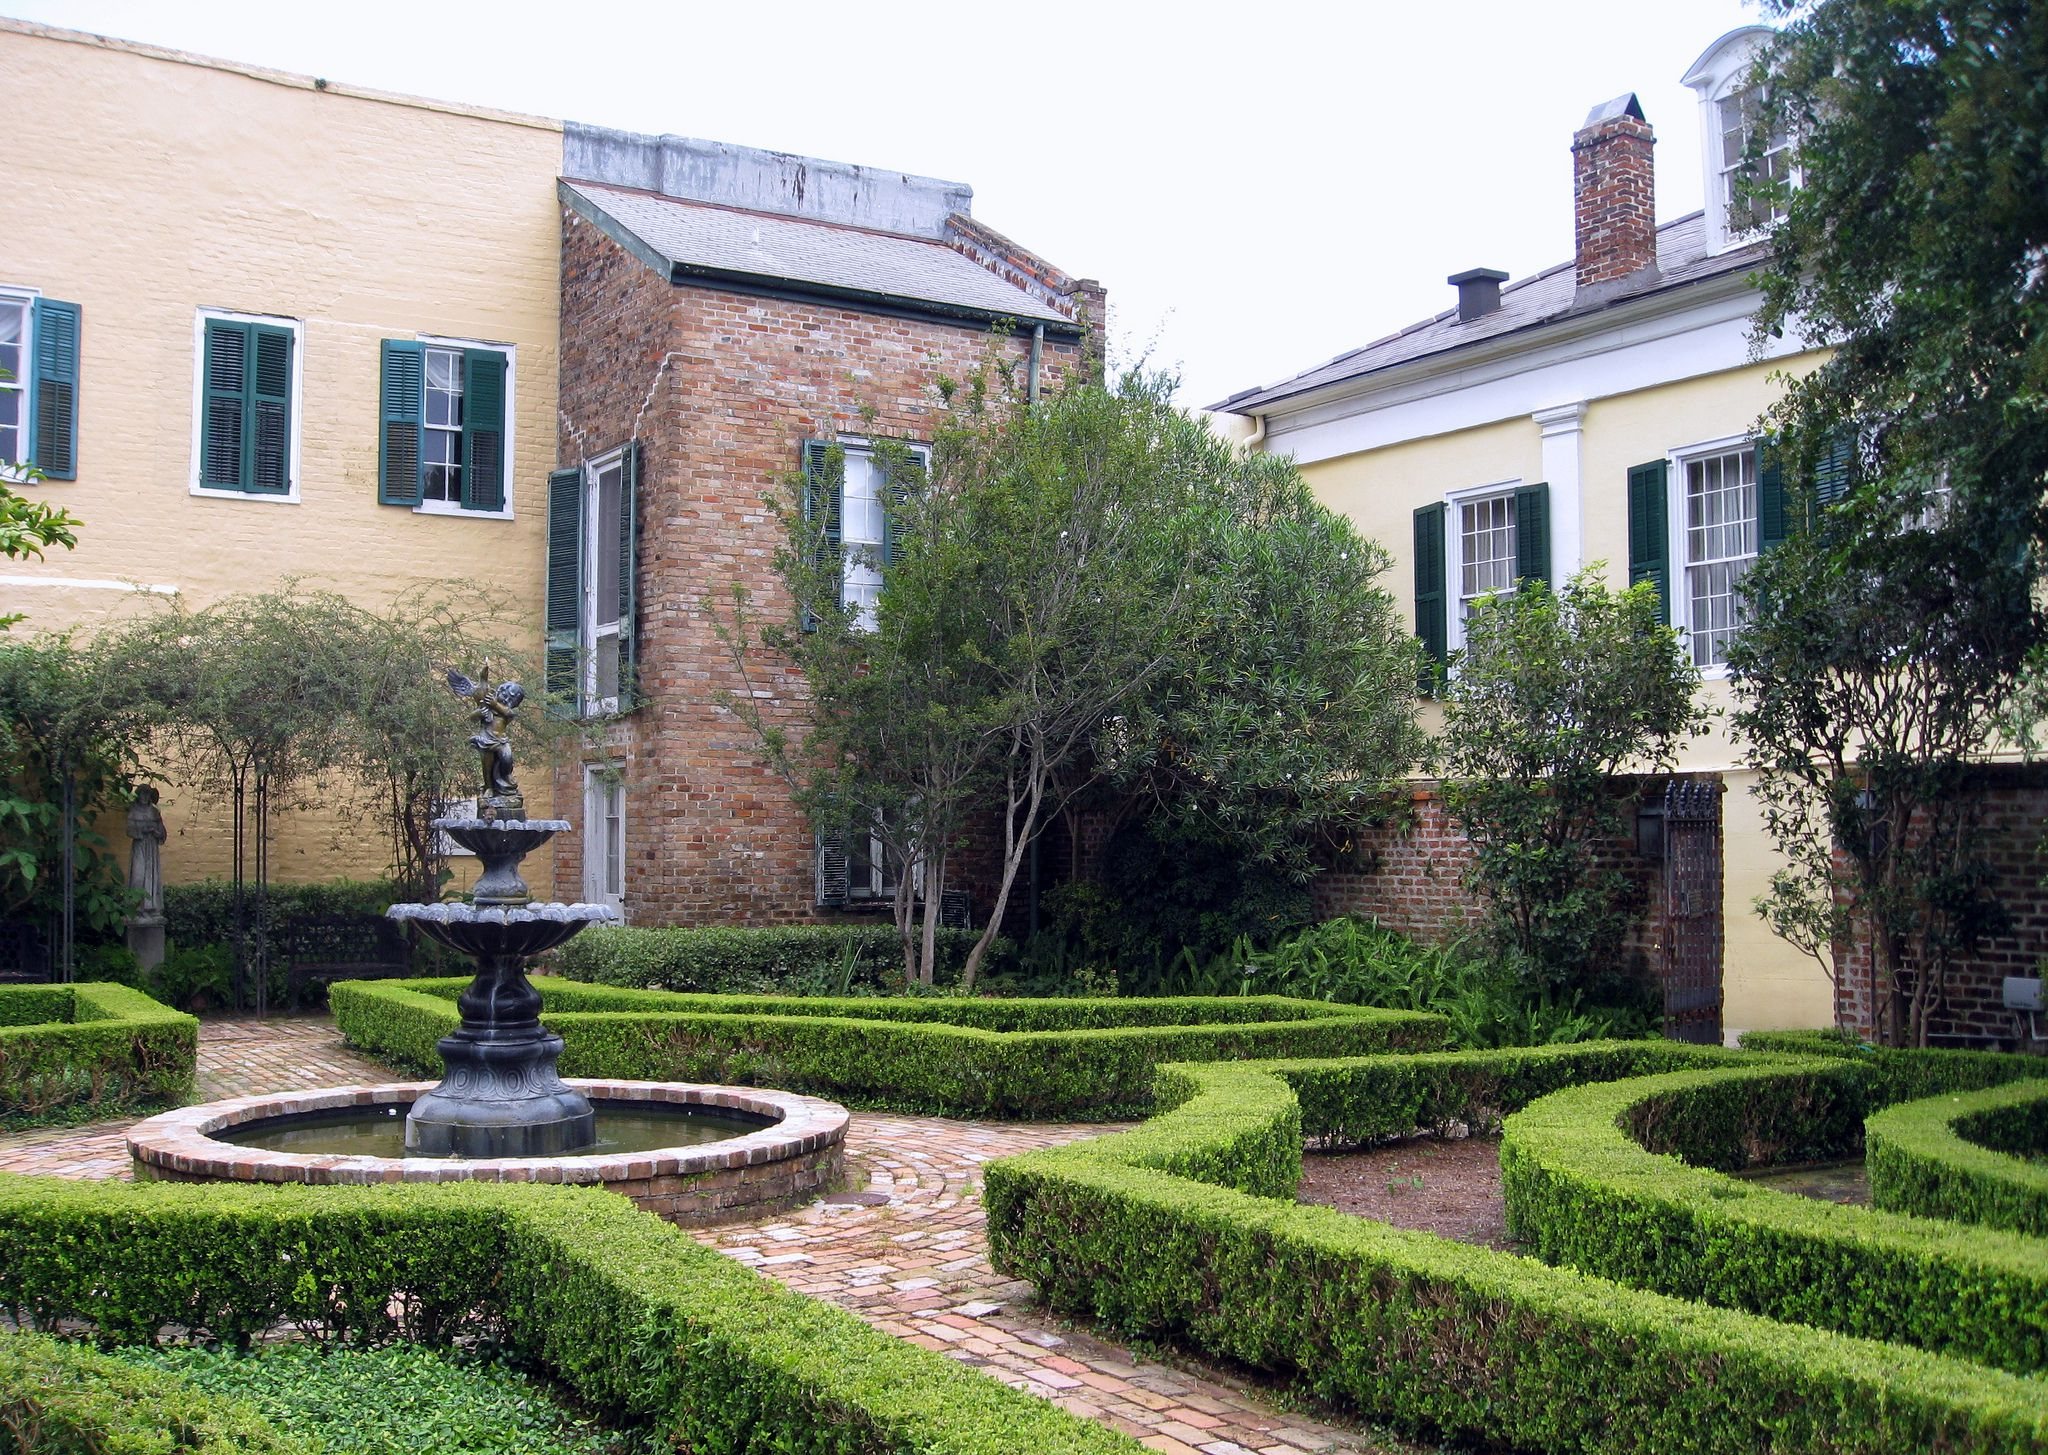 Beauregard-Keyes house garden, French Quarter, New Orleans